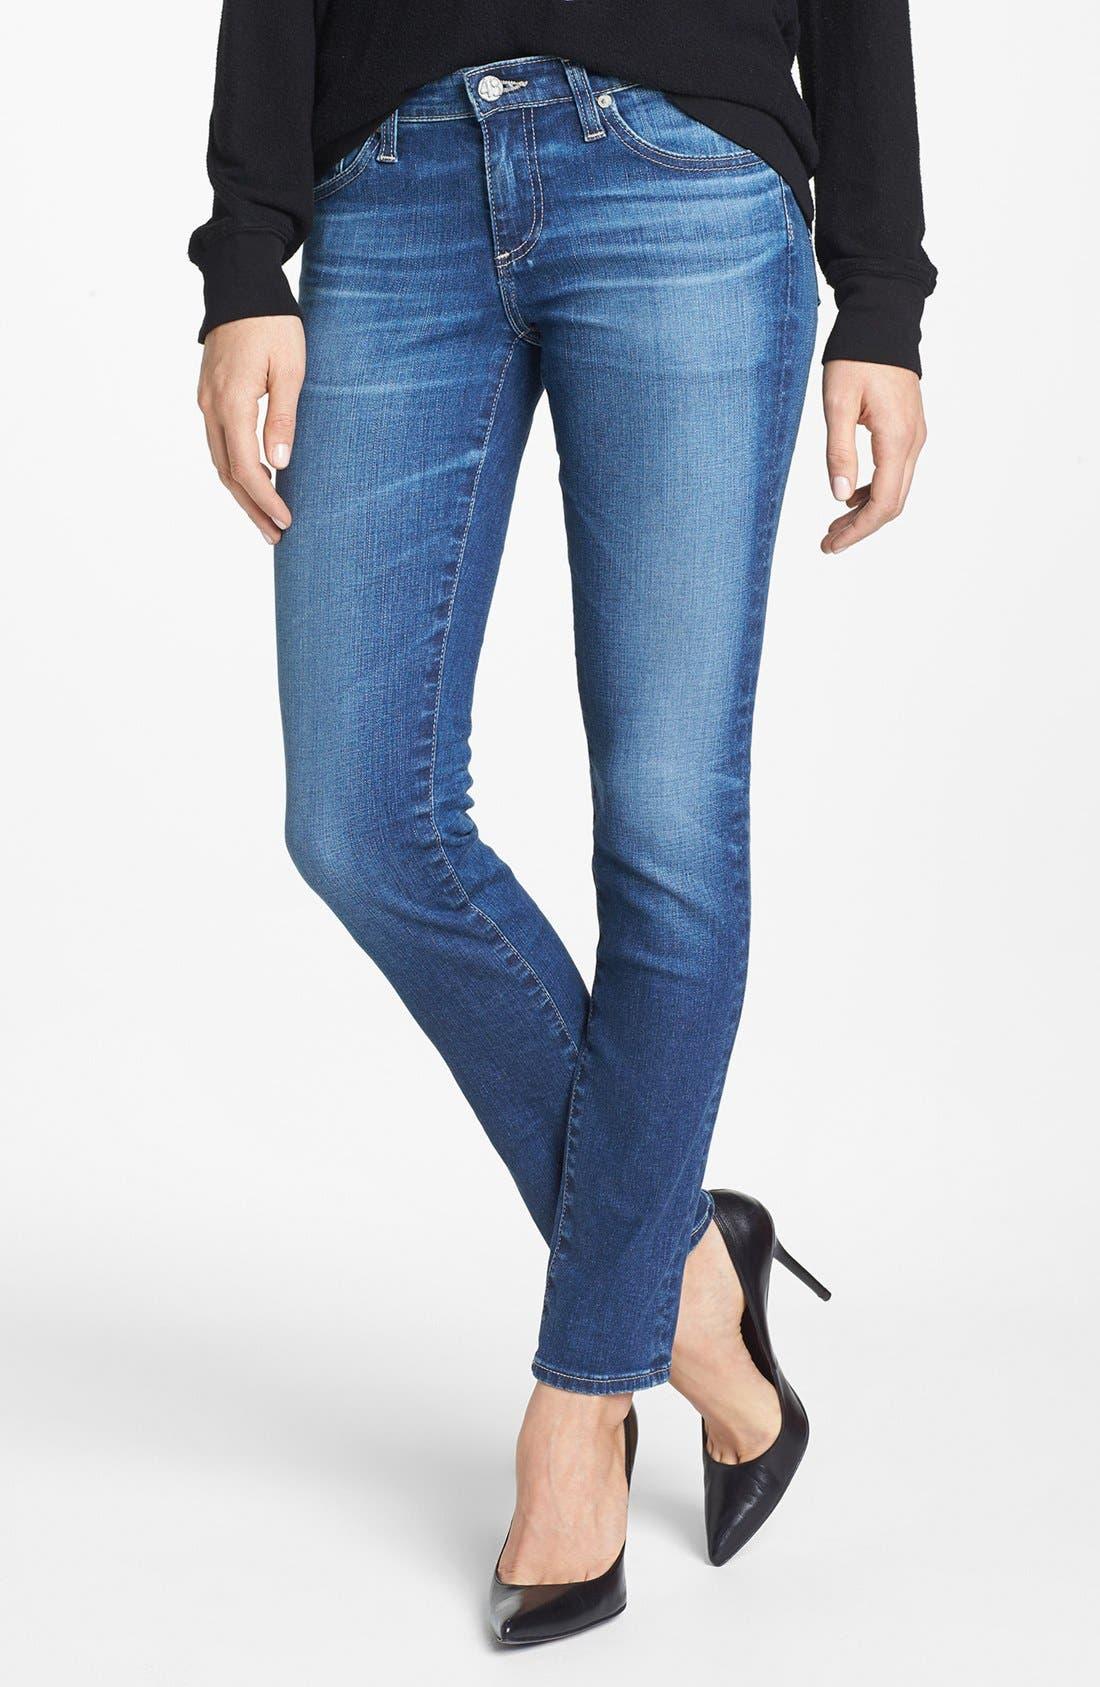 Alternate Image 1 Selected - AG 'The Stilt' Cigarette Leg Jeans (Eleven Year Journey)